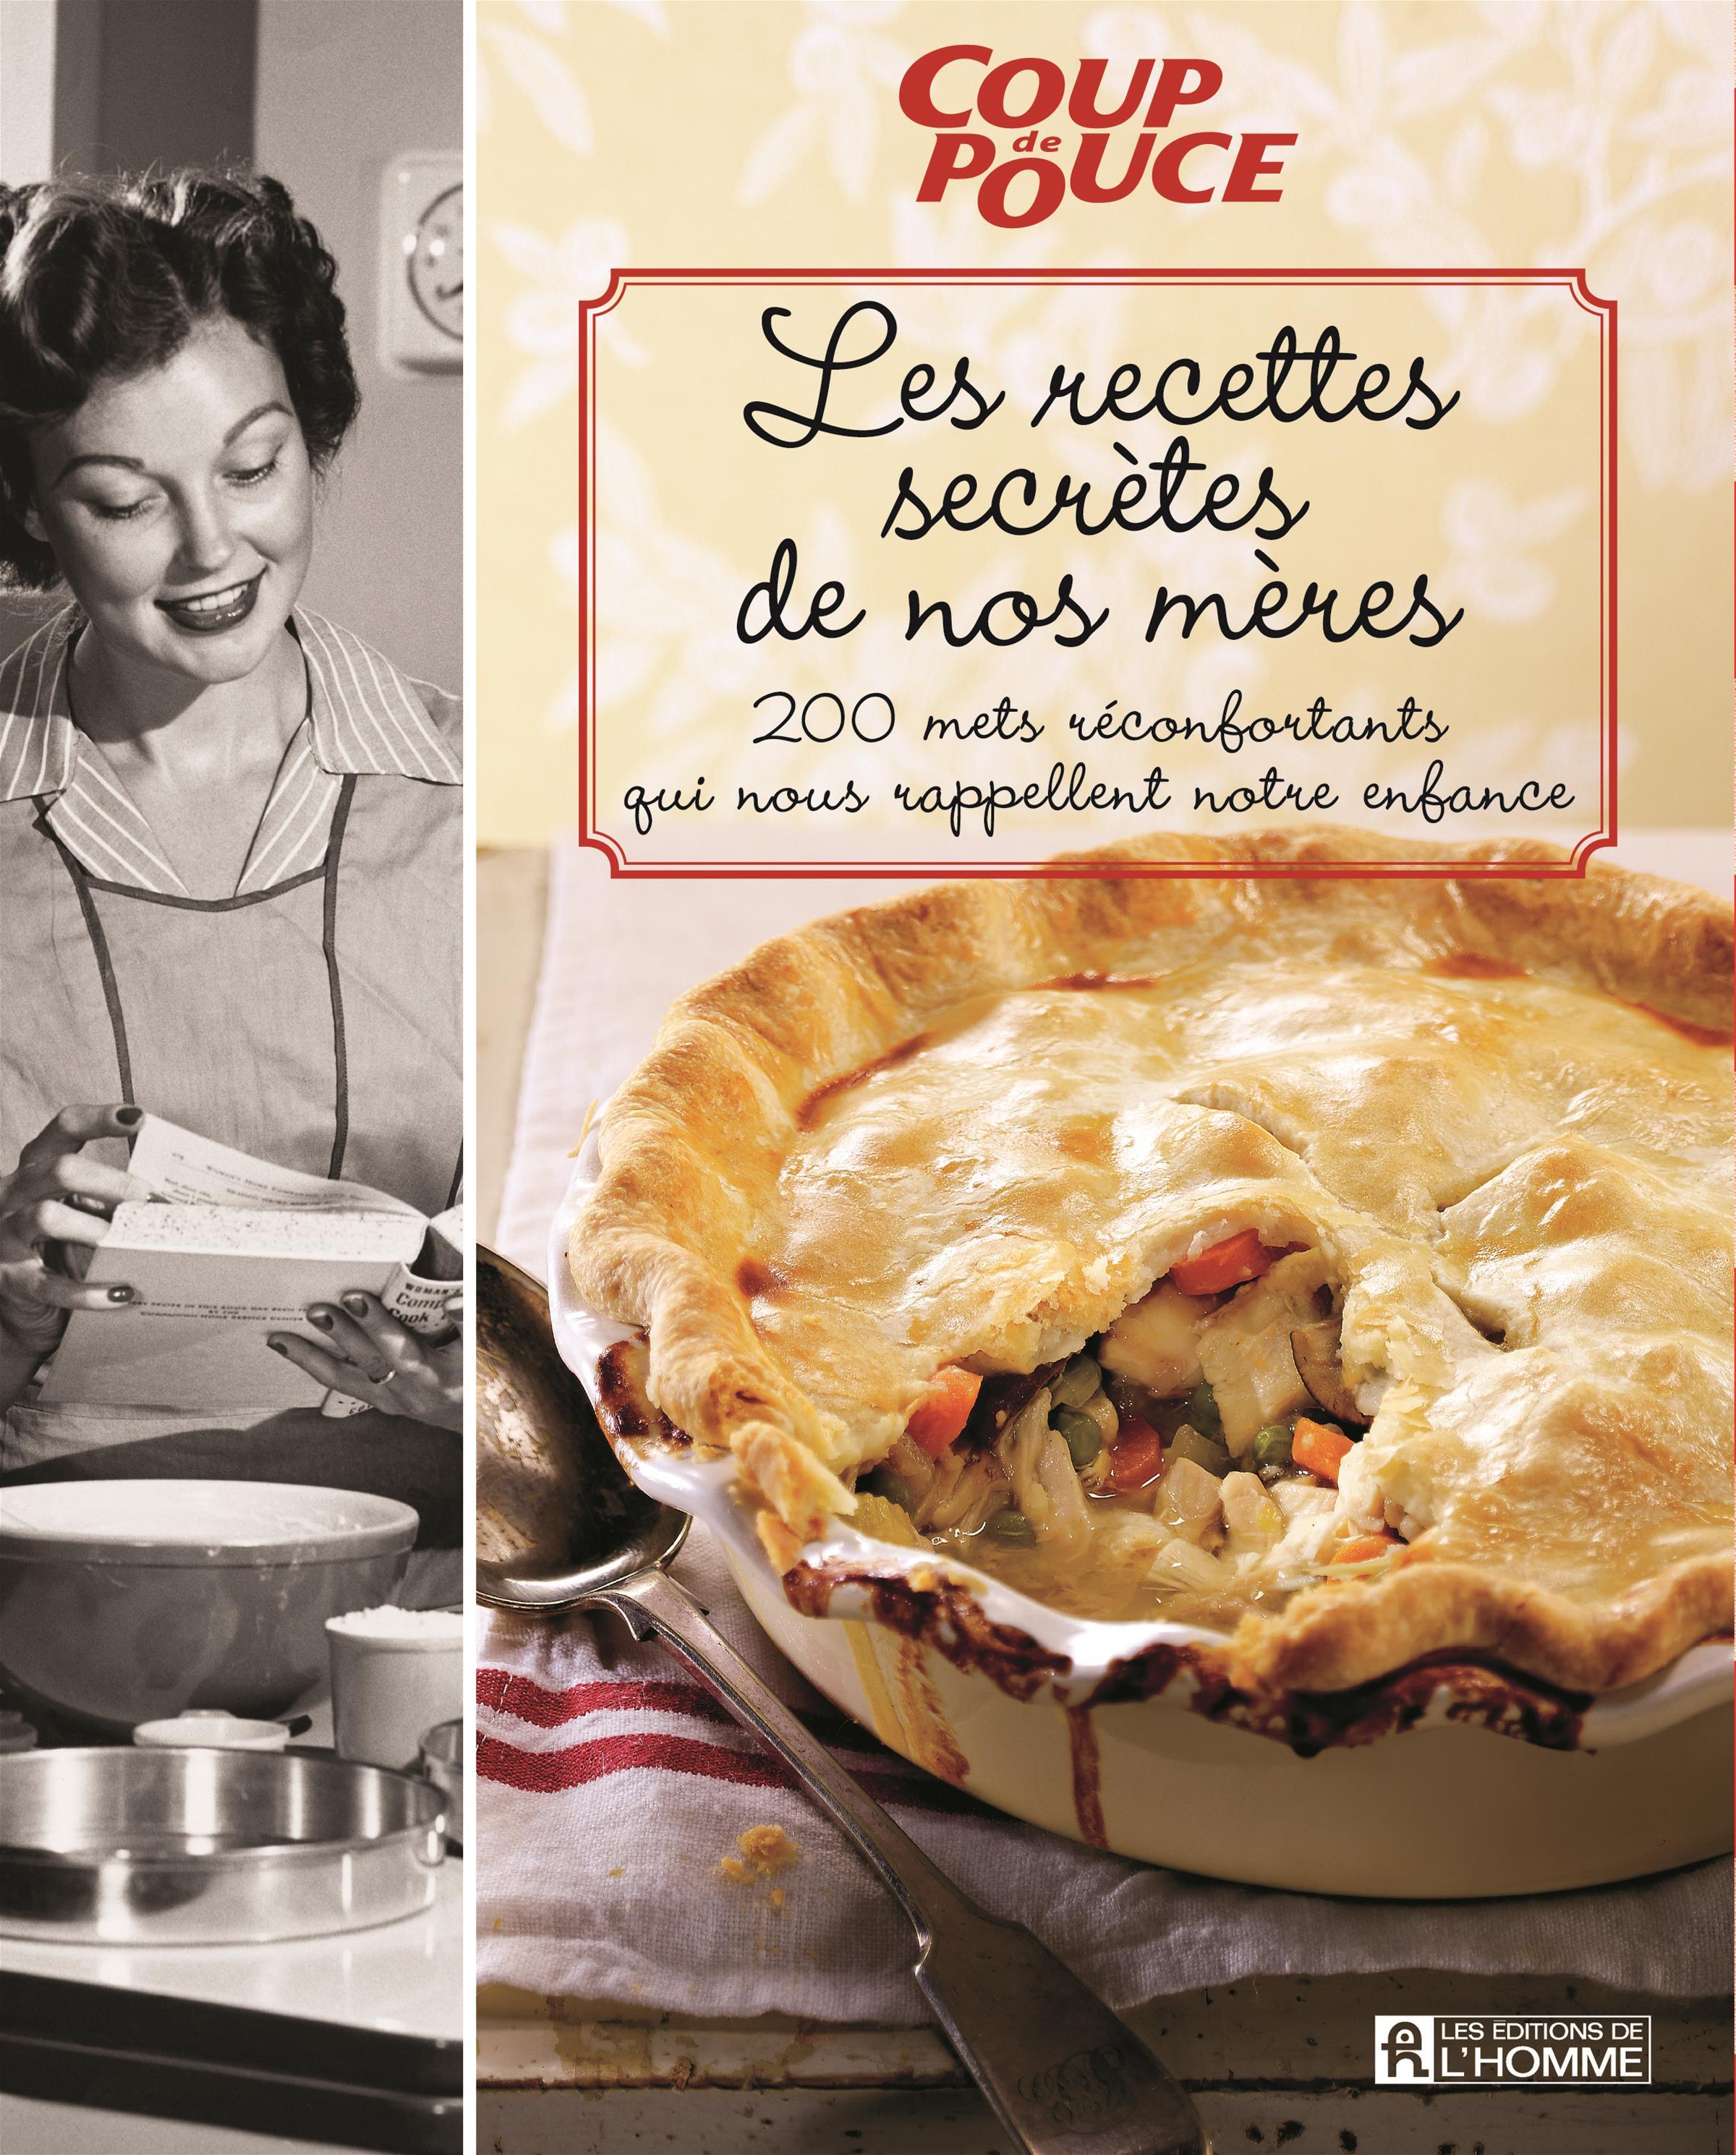 Les recettes secrètes de nos mères